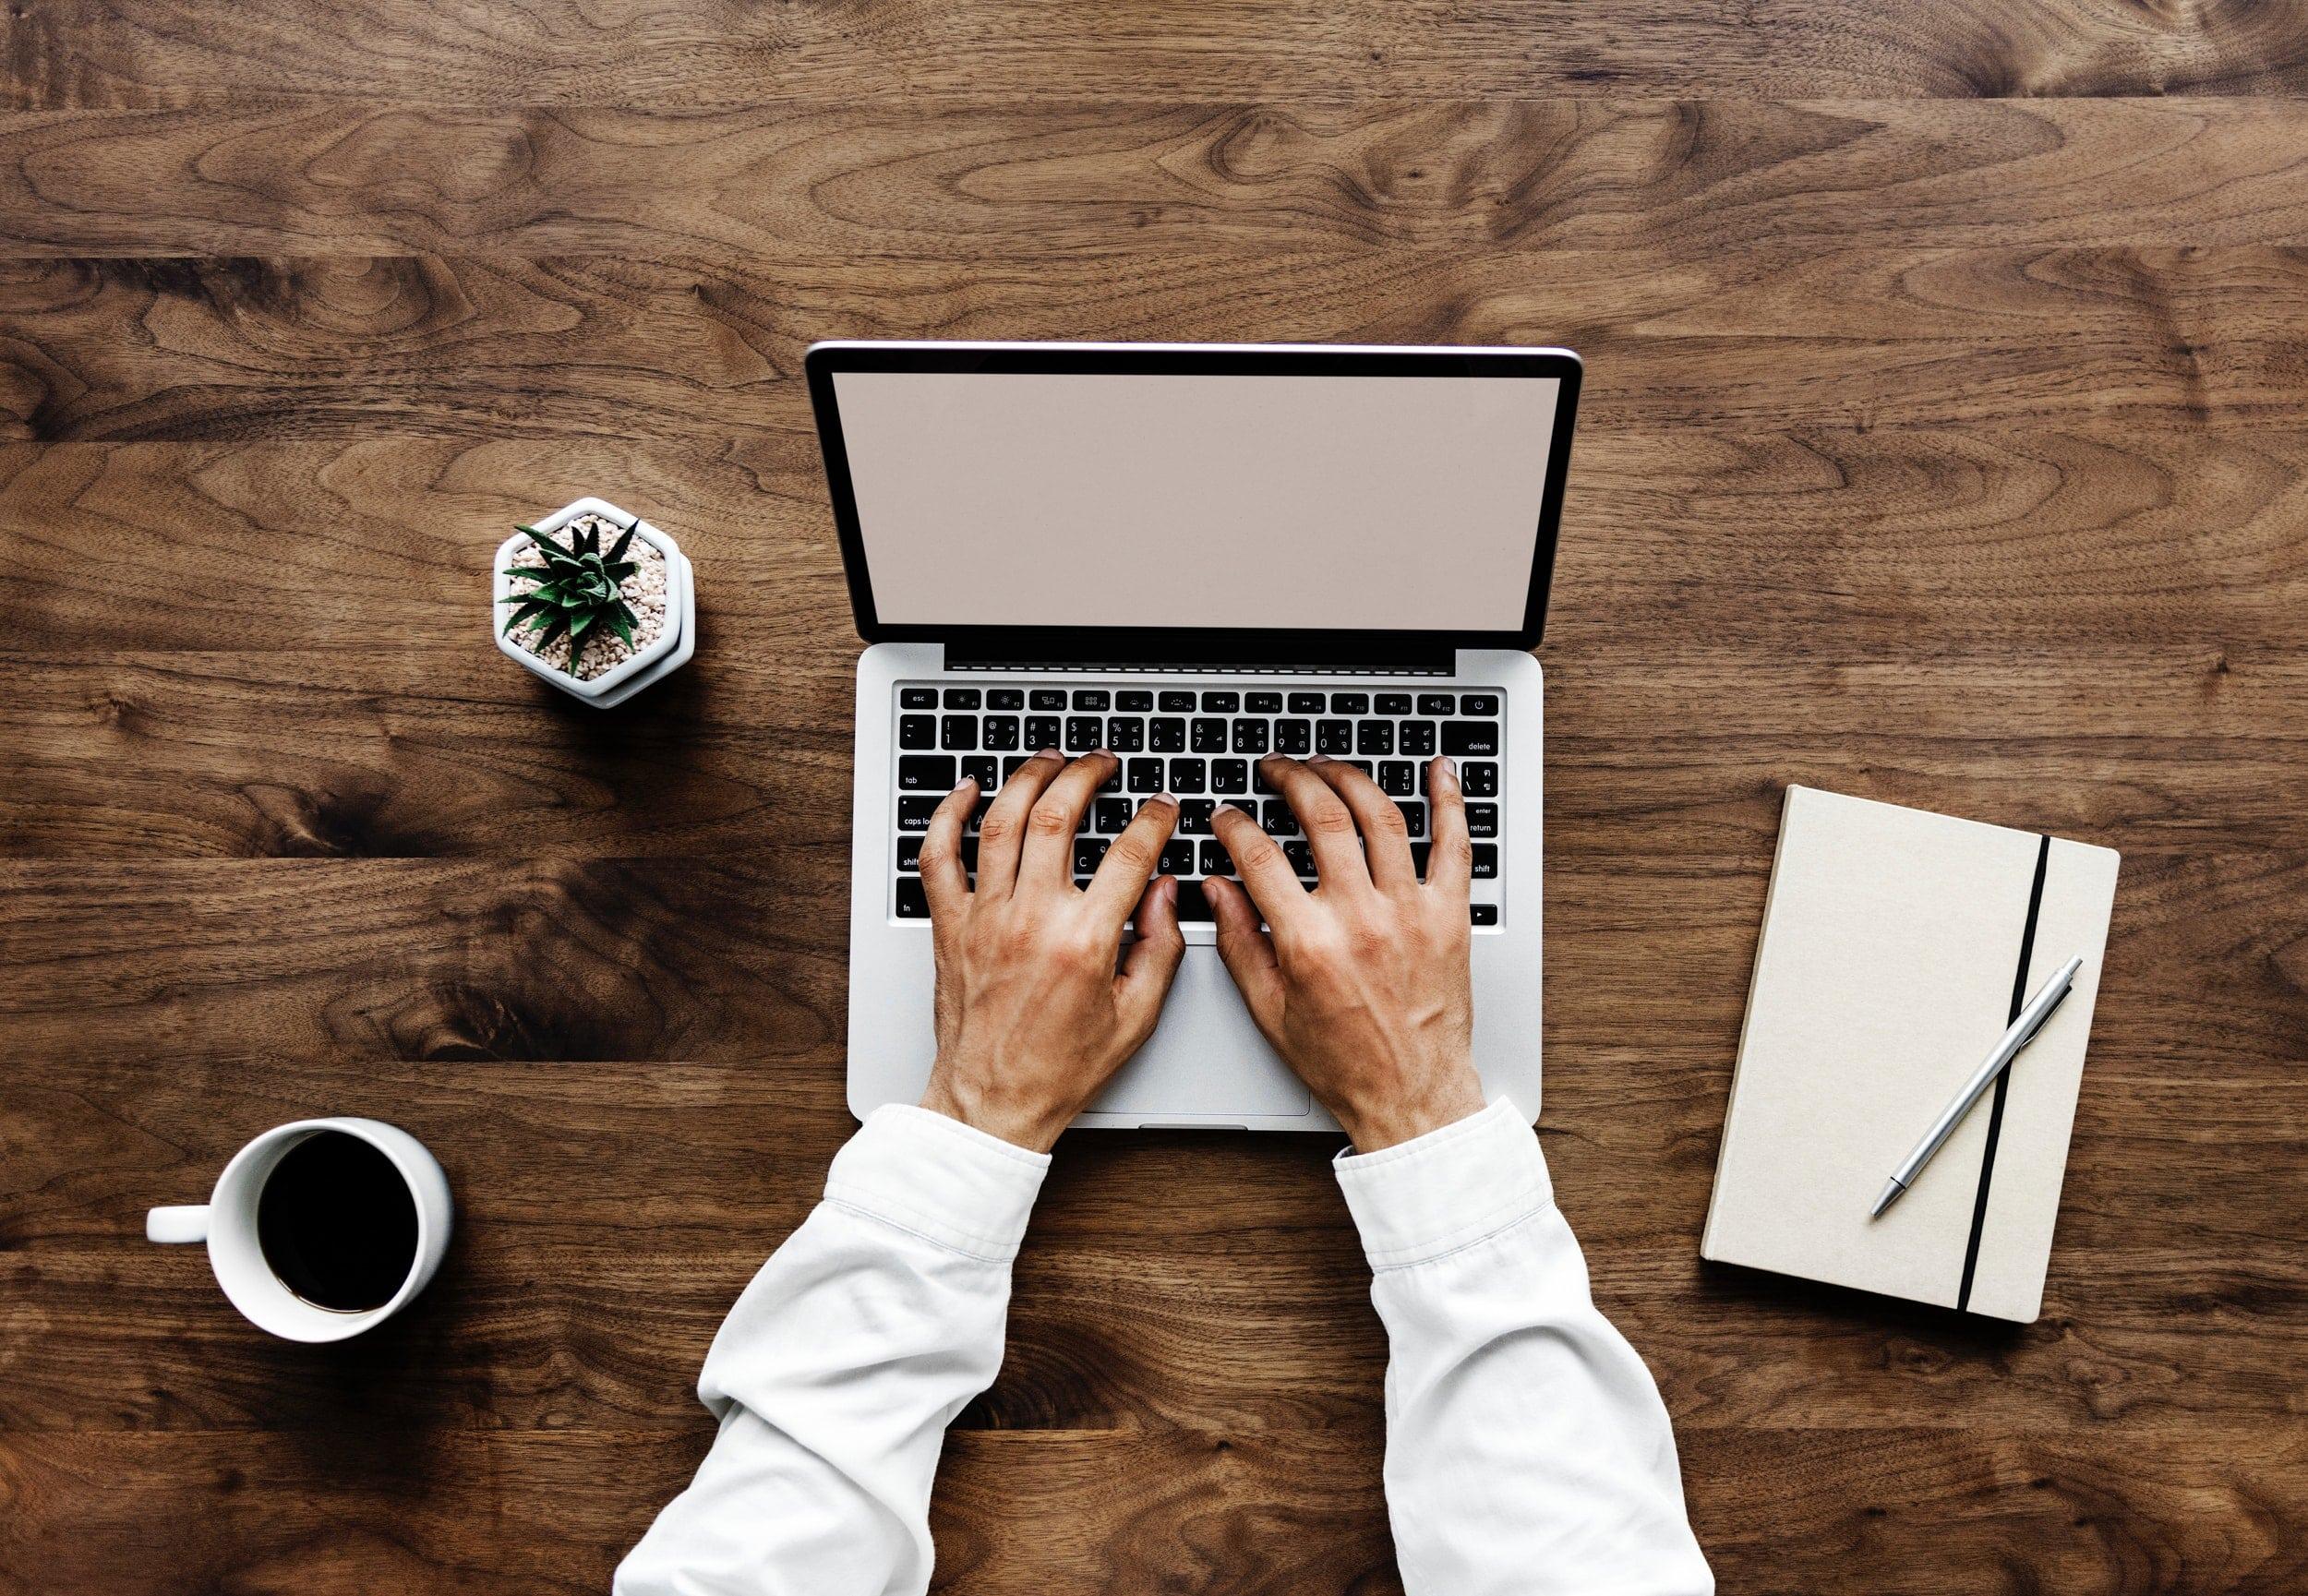 Integrating Social Media into Meeting Planning